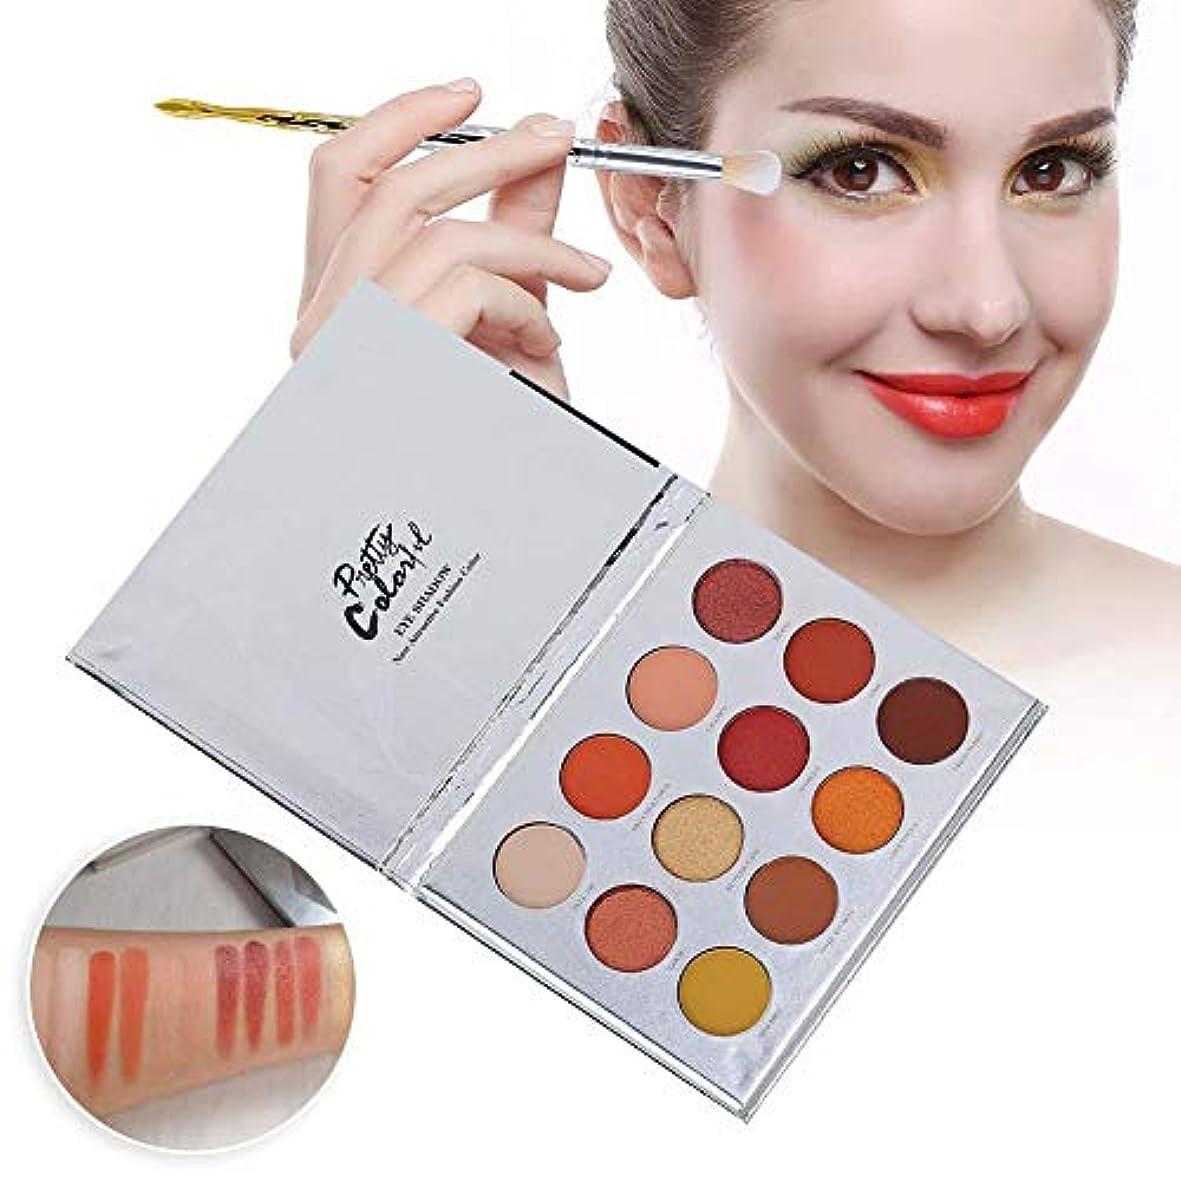 ビュッフェ地獄休日アイシャドウパレット 12色 化粧マット 化粧品ツール グロス アイシャドウパウダー